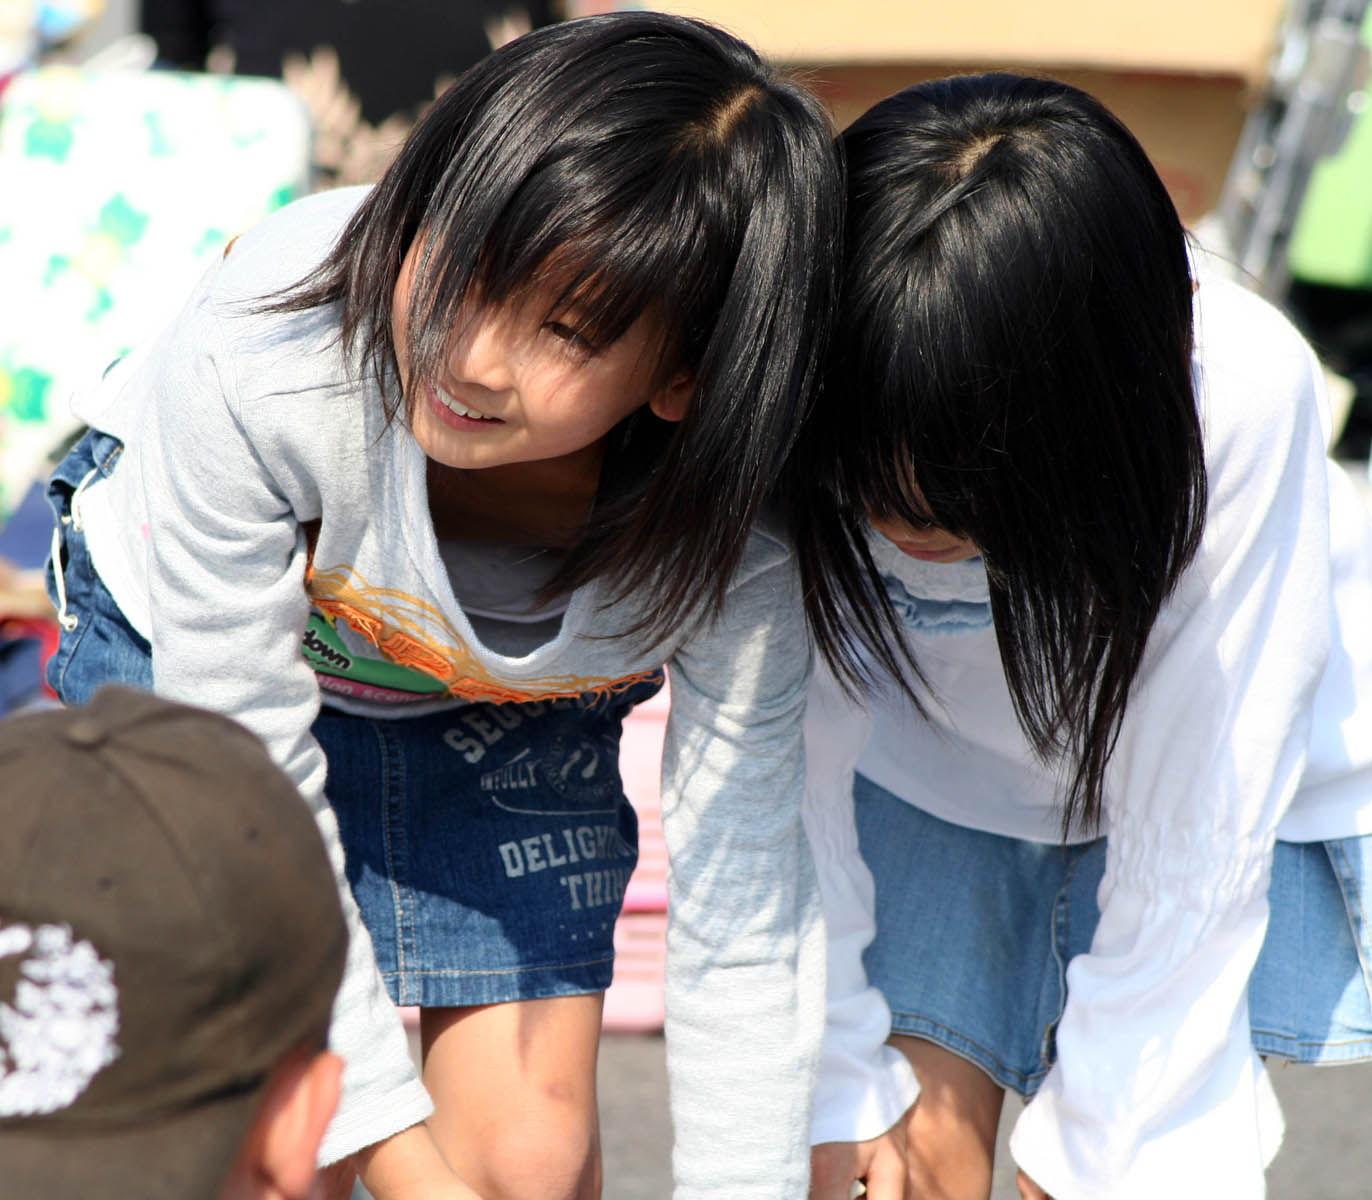 女子小学生おっぱい画像 ... 008_20170124155906776 qdwS9a7 doNW002M